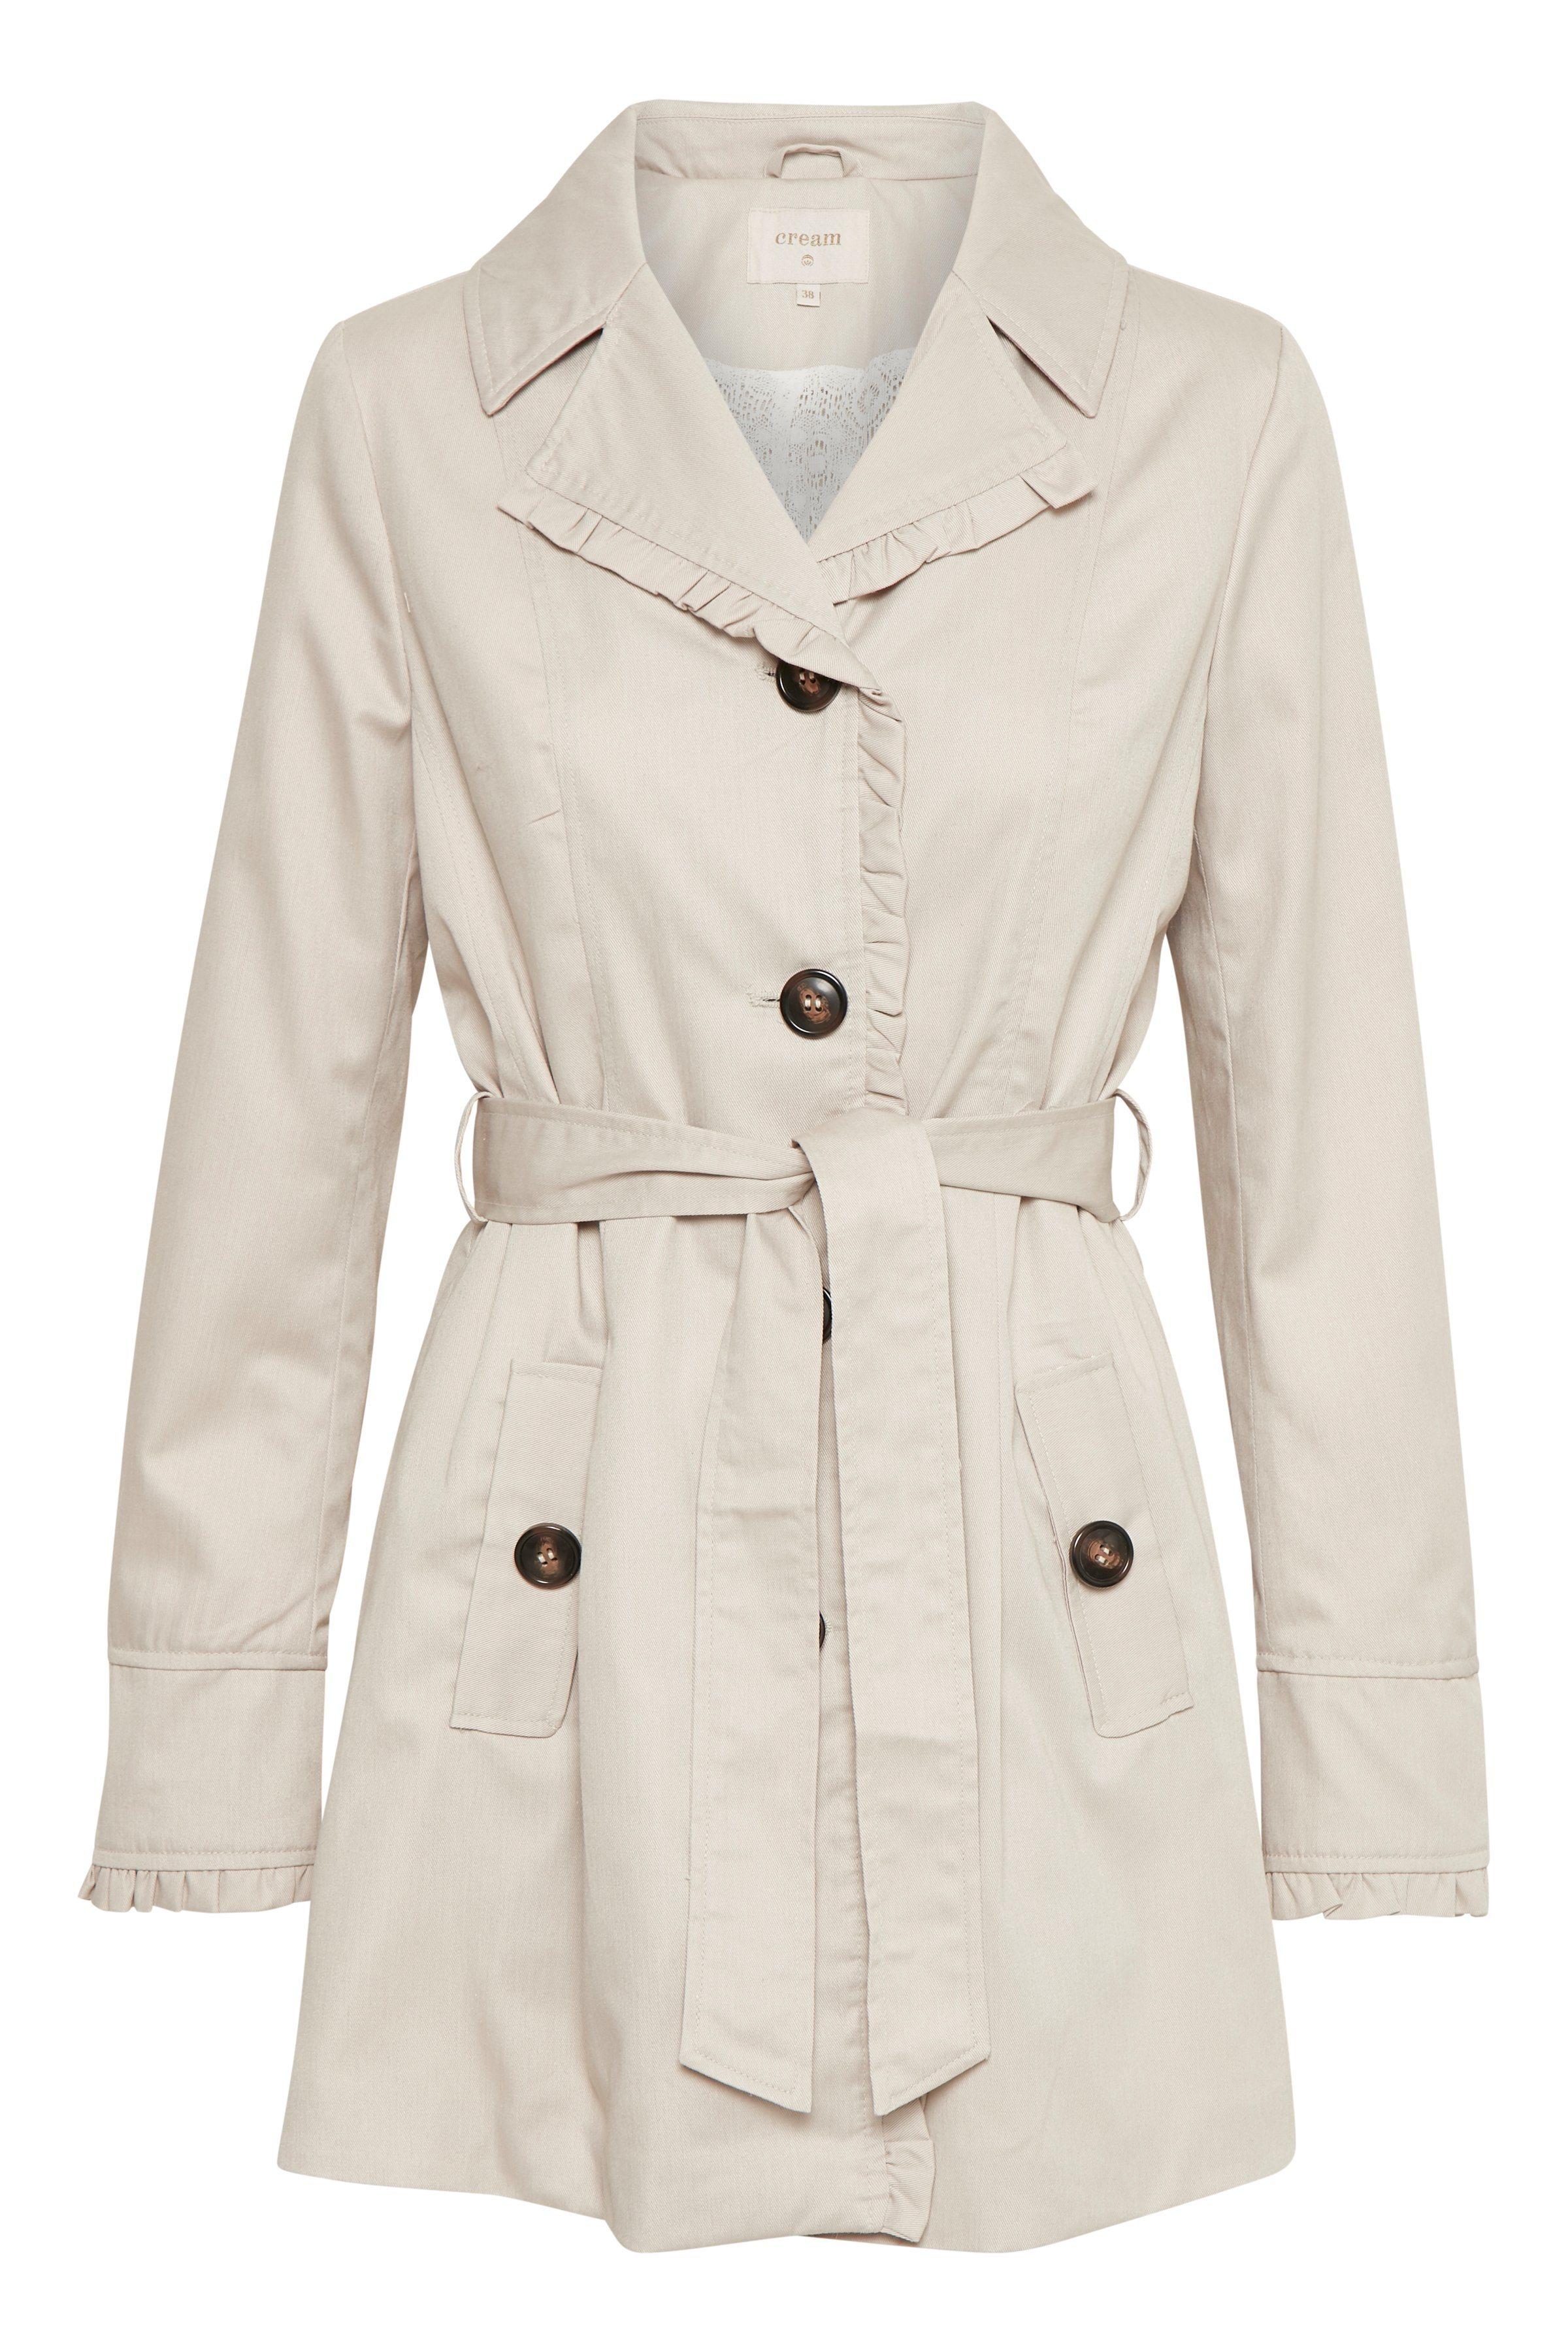 Cream Trenchcoat »Noa« | Bekleidung > Mäntel > Trenchcoats | Cream